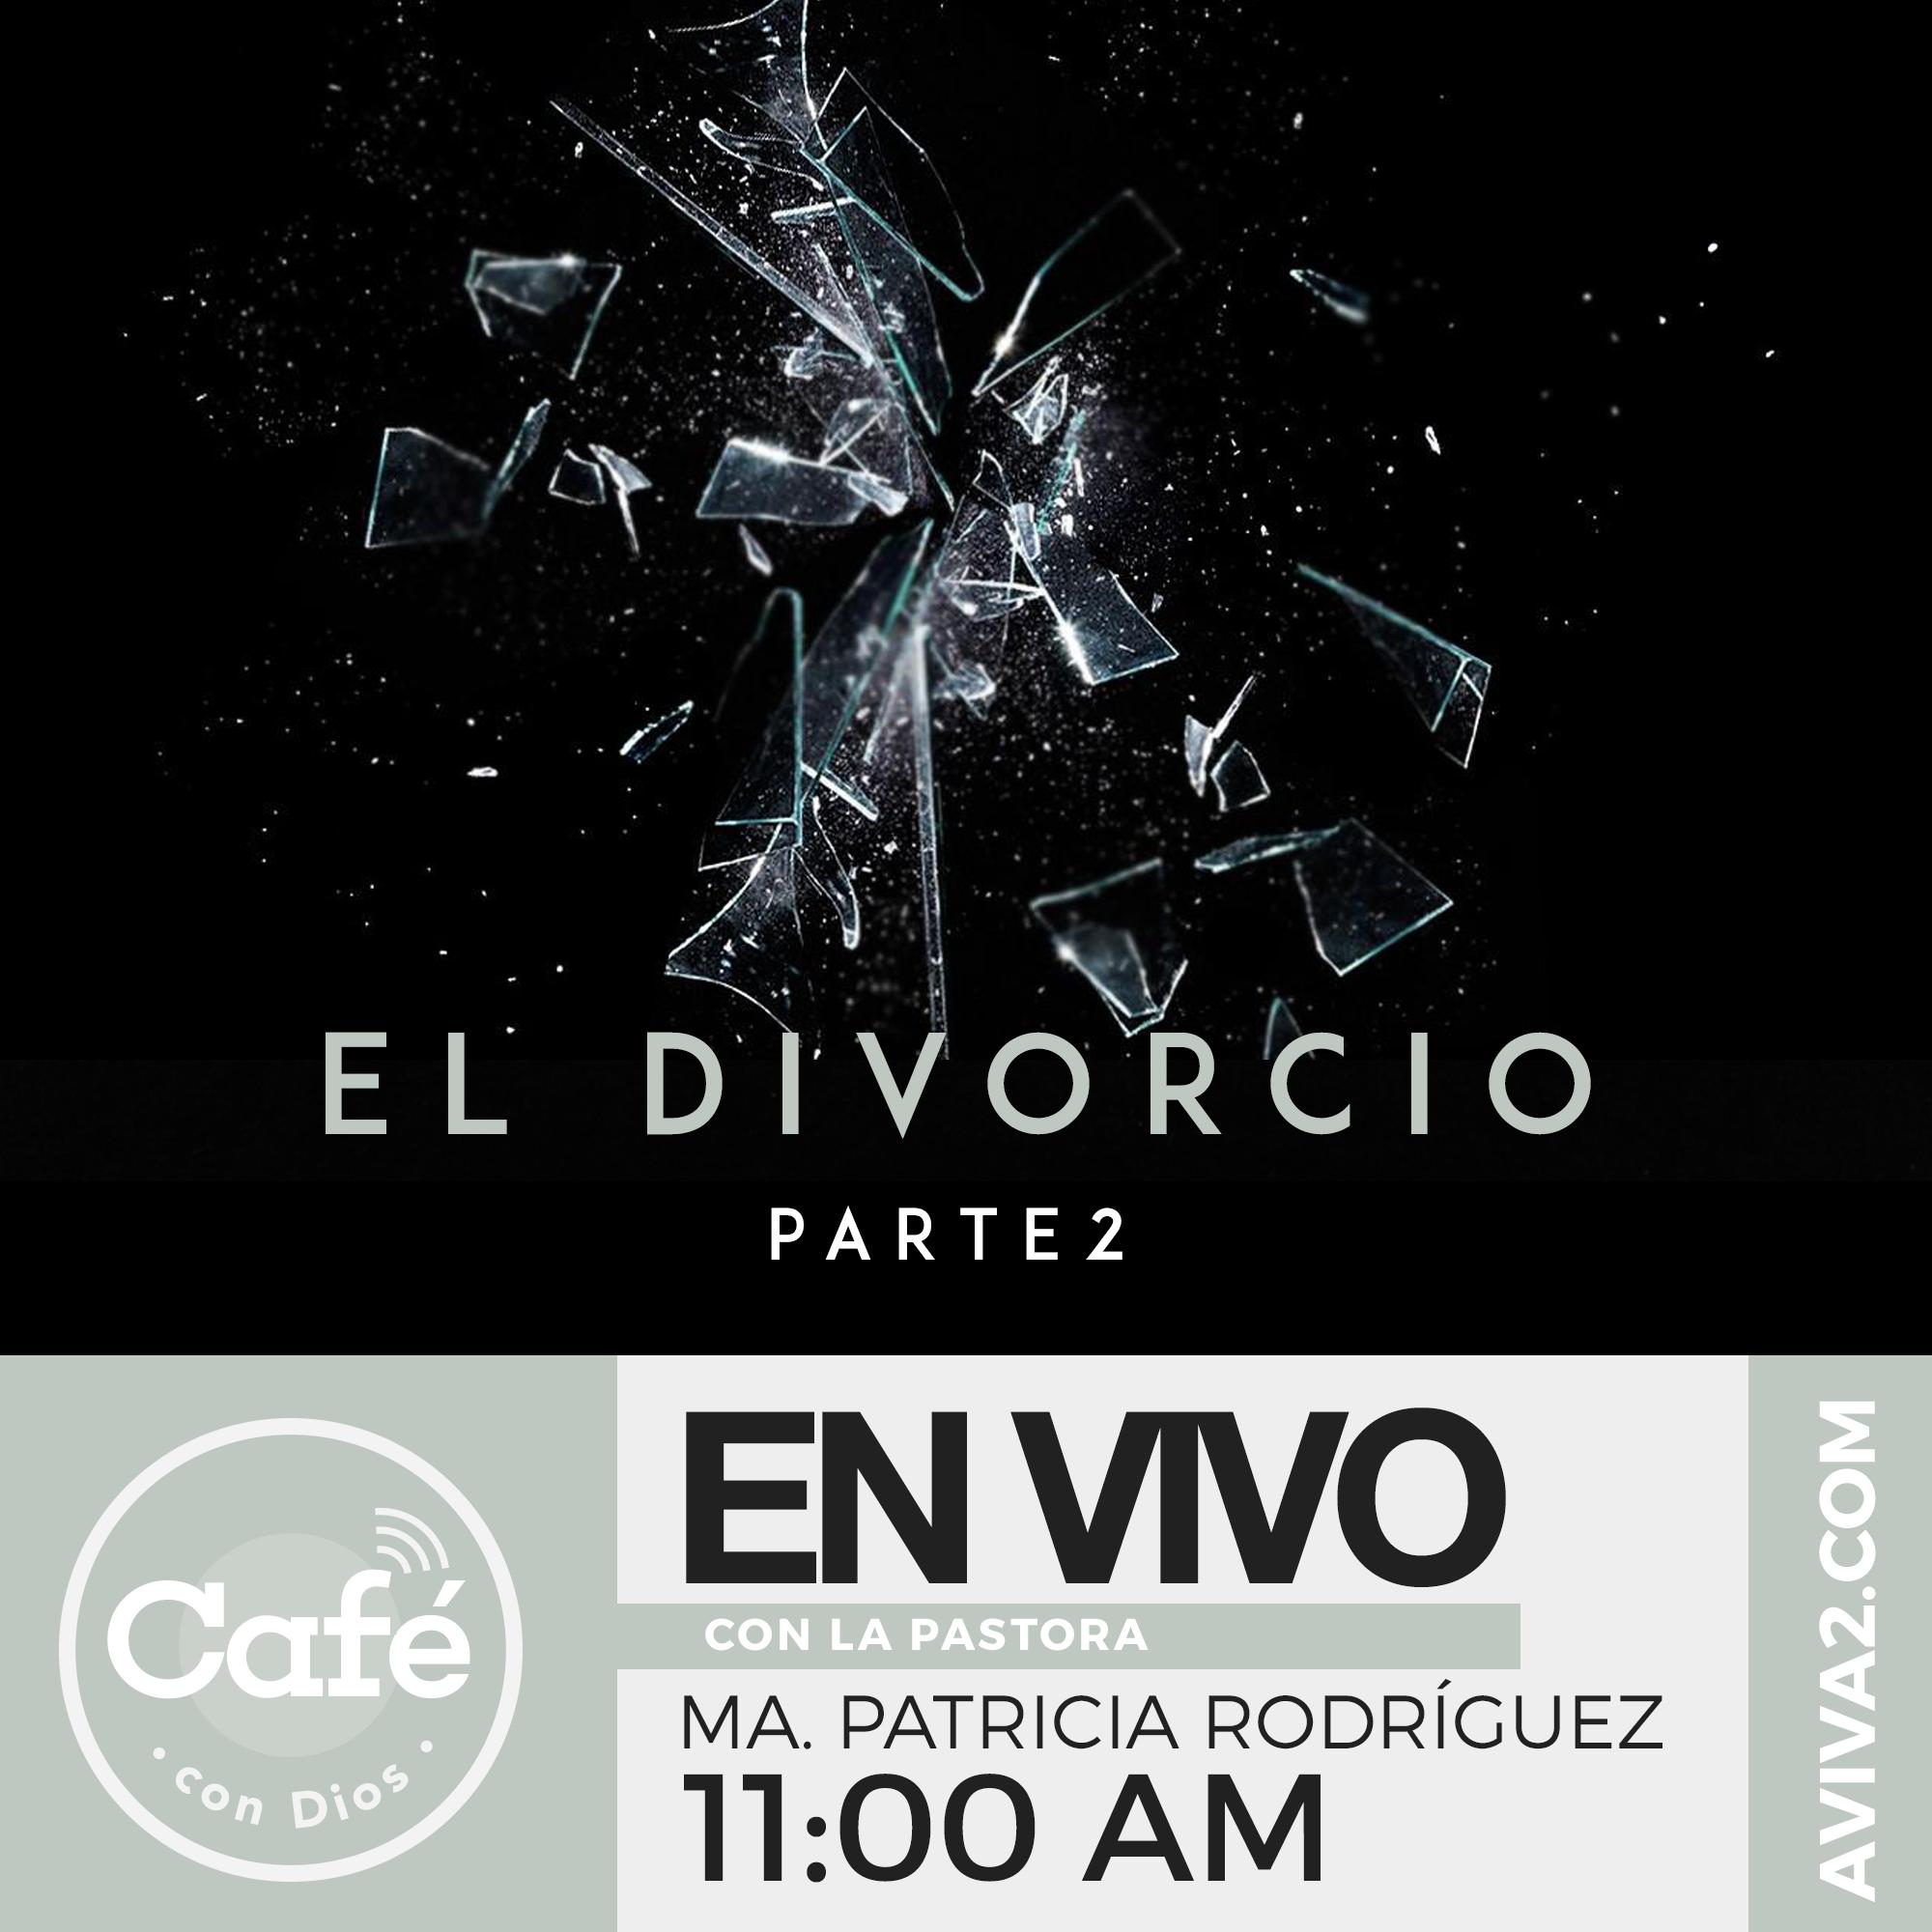 Café con Dios - El divorcio parte 2